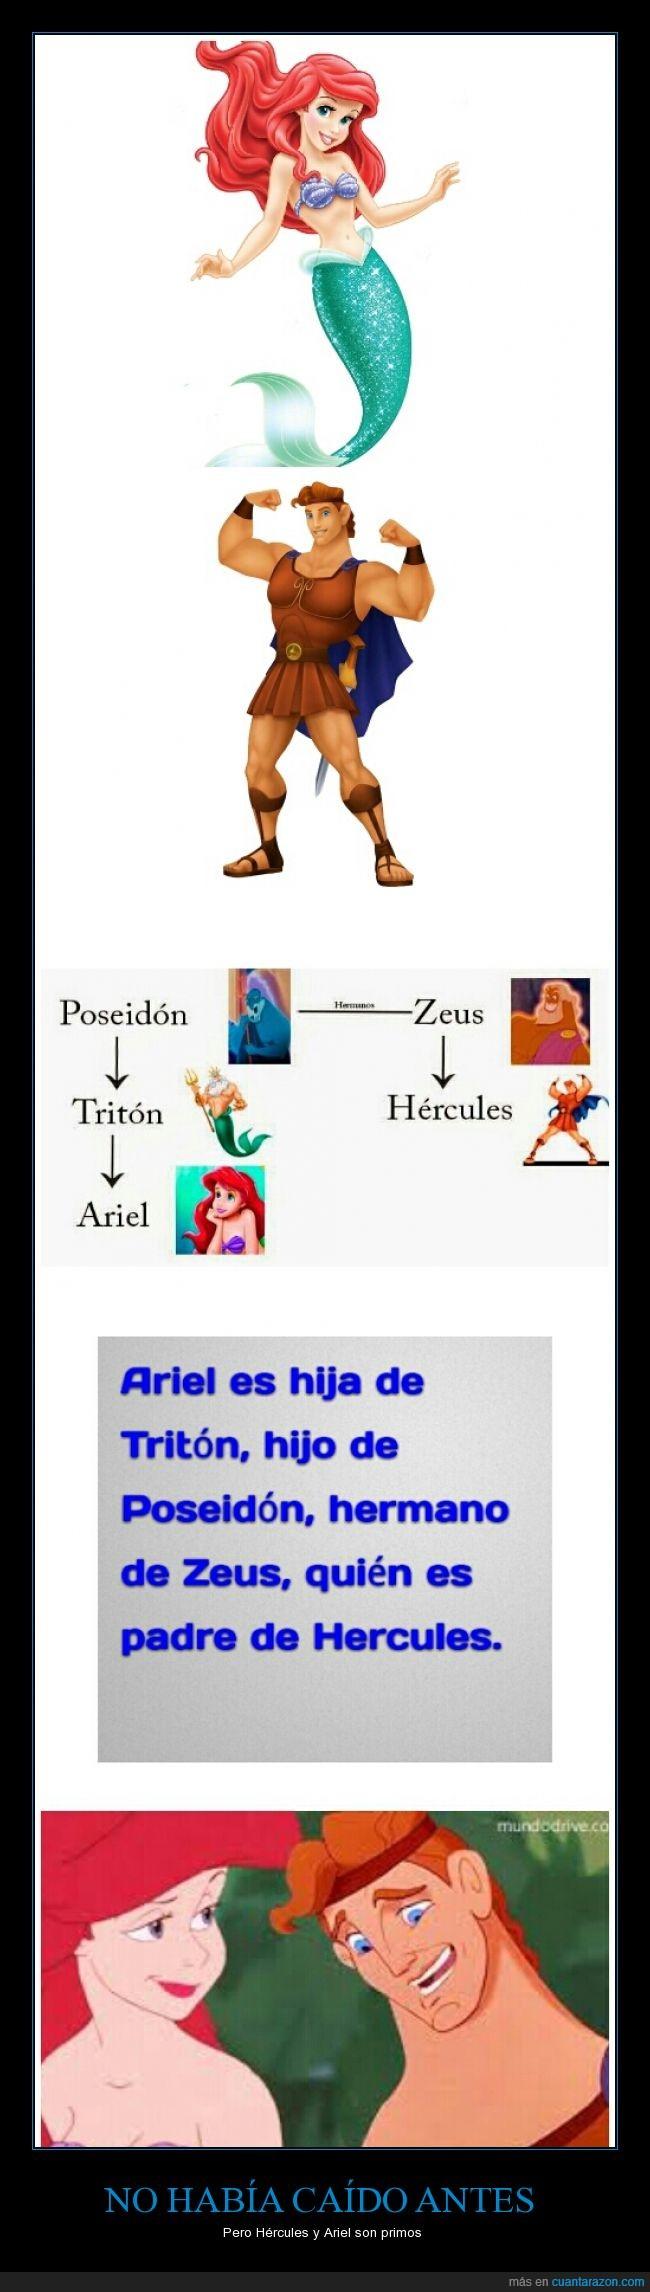 Ariel,dios,grecia,griego,Hércules,mitología,Poseidón,Tritón,Zeus